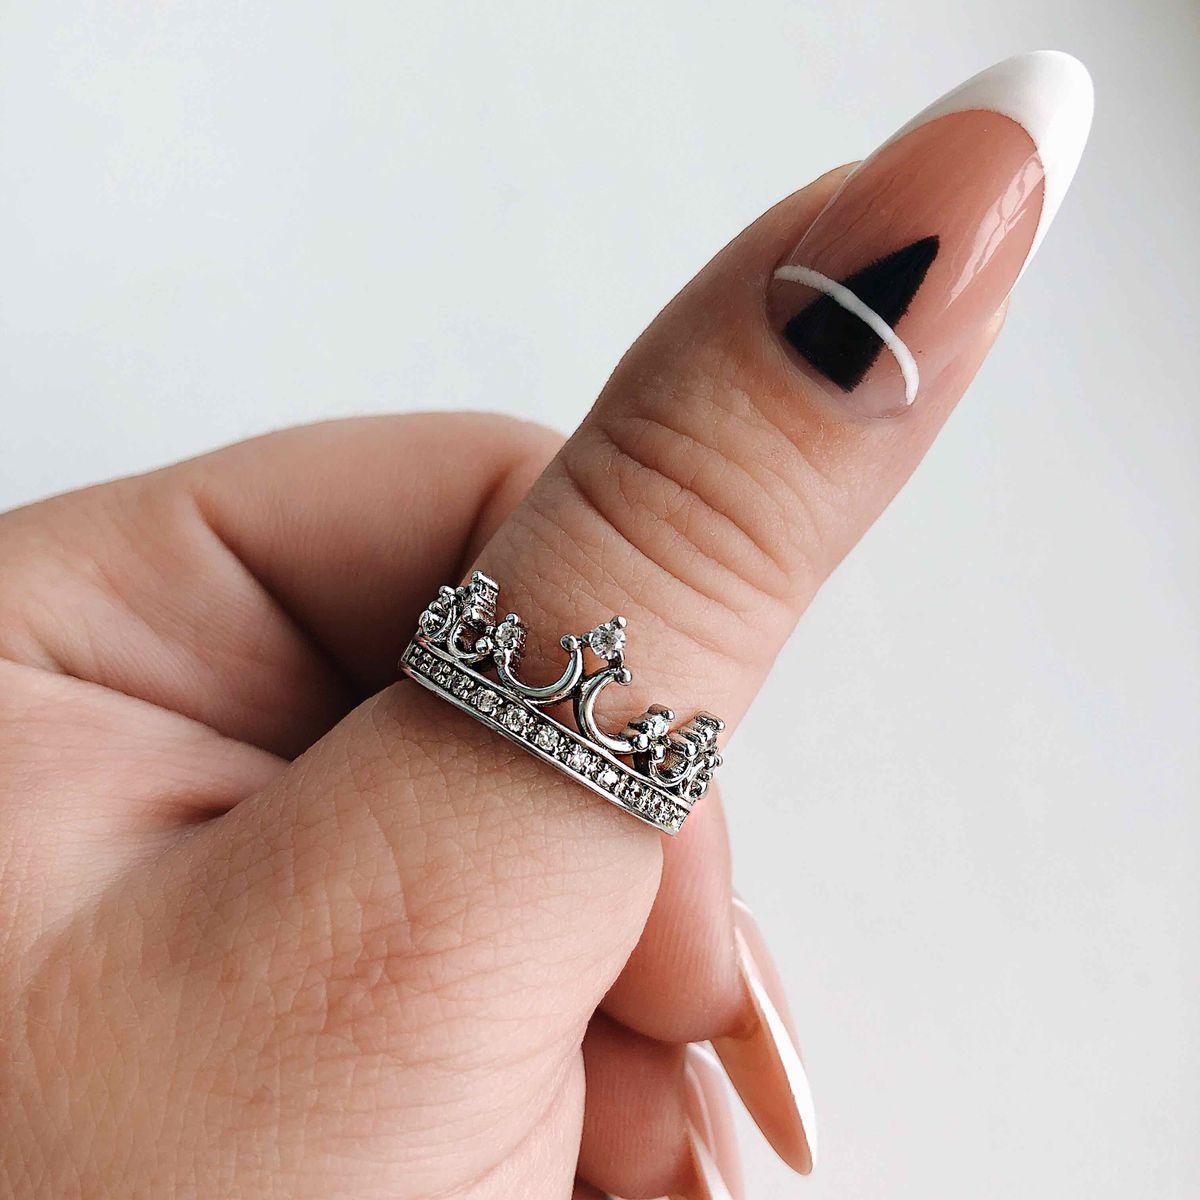 «Корона для королевы»,именно так ассоциируется у меня это кольцо.